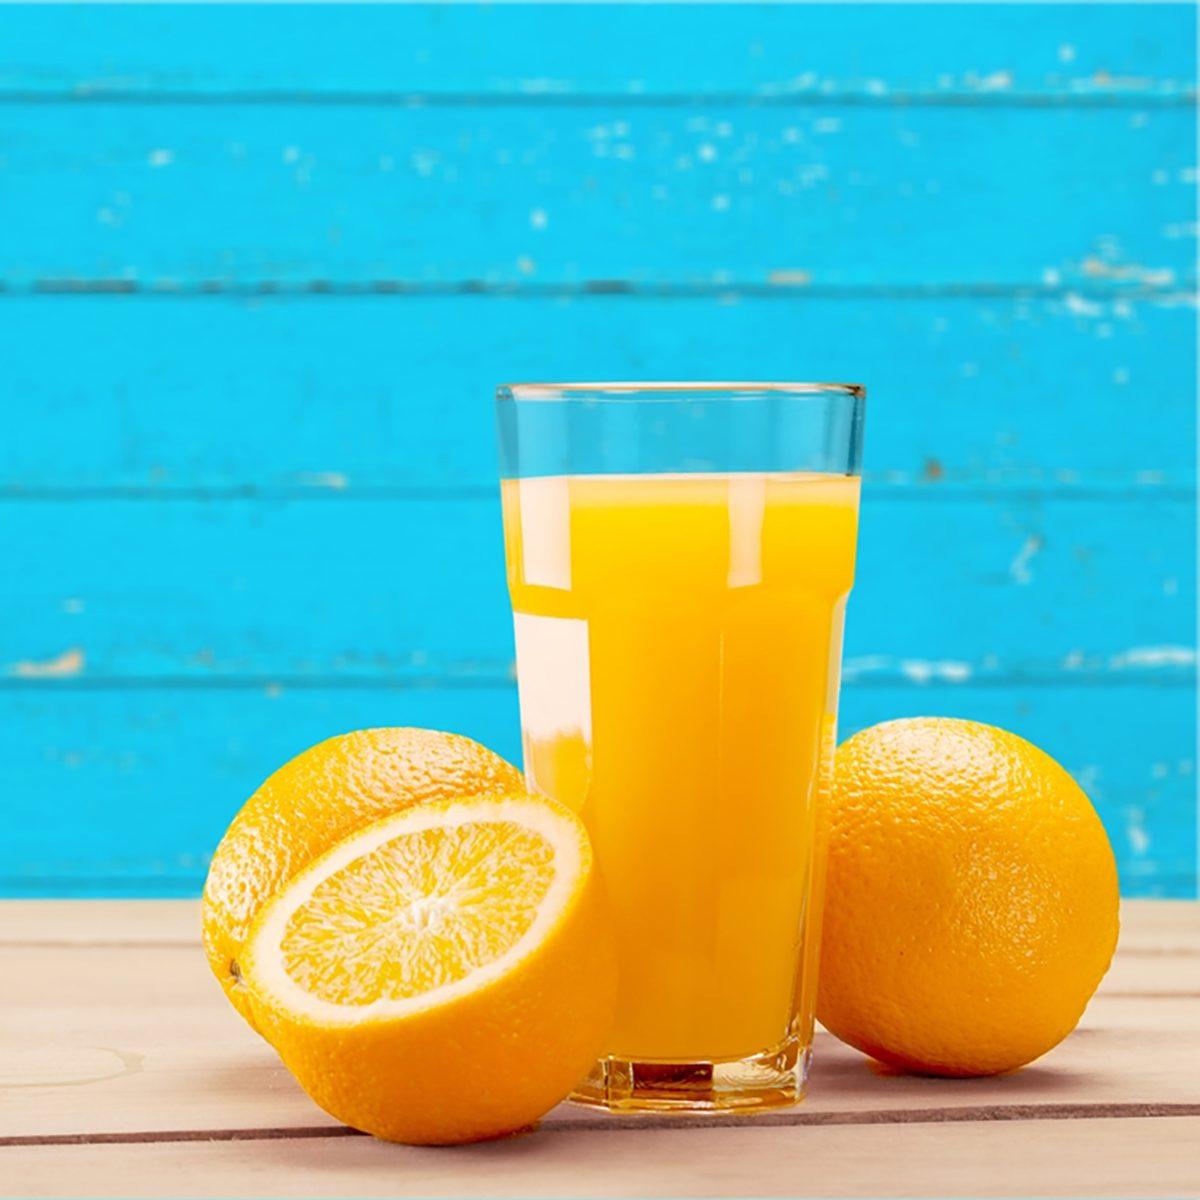 Orange Juice on blue background.